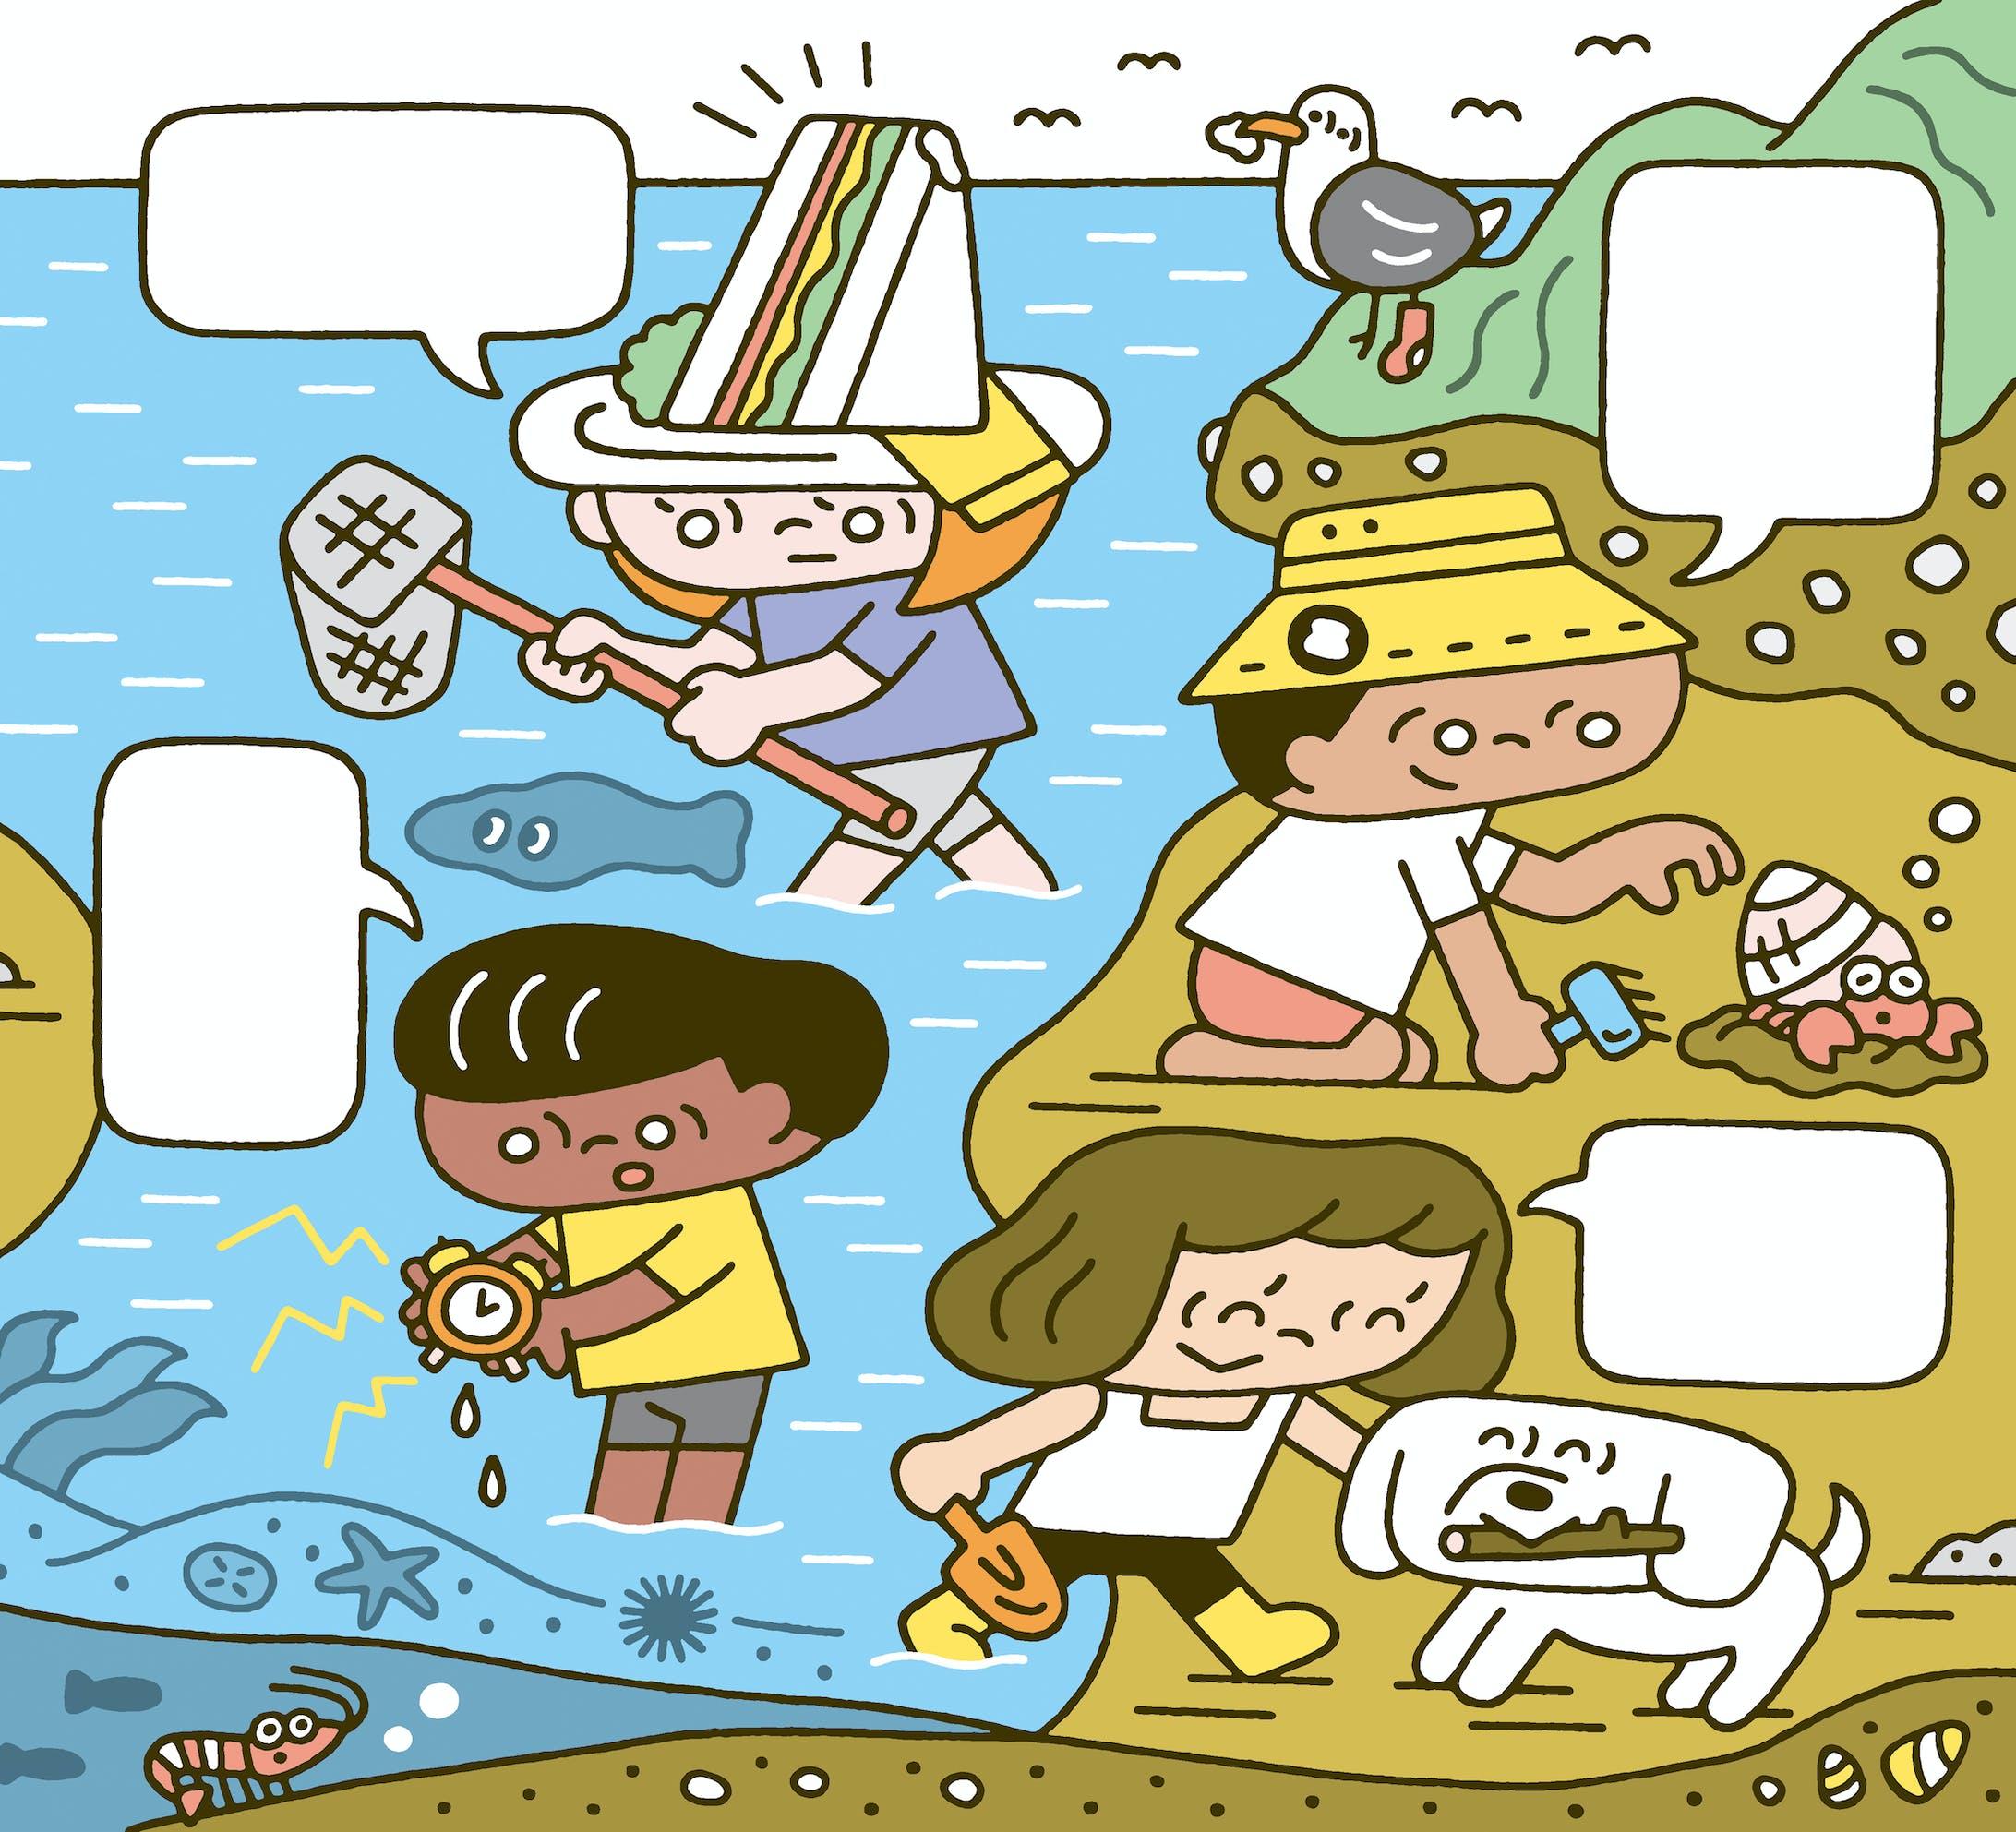 フランスの児童雑誌『Georges』N°Coquillage(Maison Georges)-2